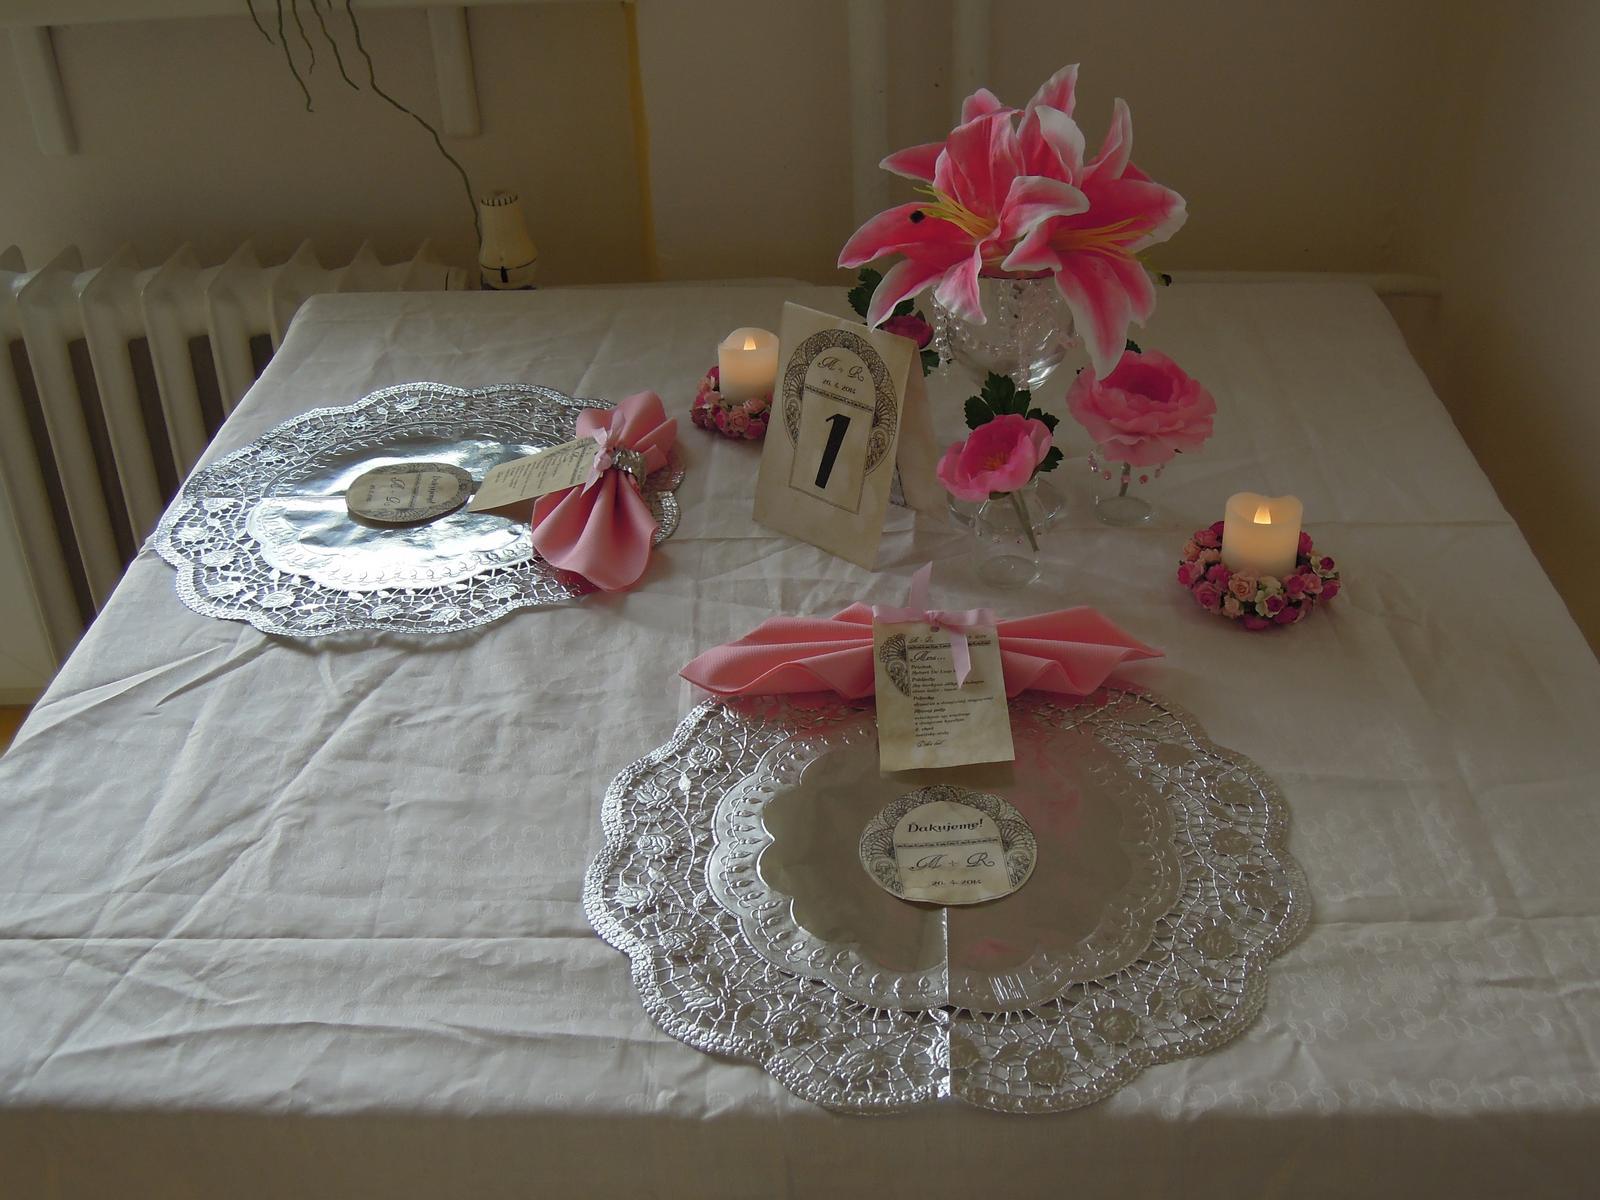 Pomaly zbieram... - Skuska dekorovania stola... PS: Nemam biely obrus doma tak som dala bielu latku na sitie :-D